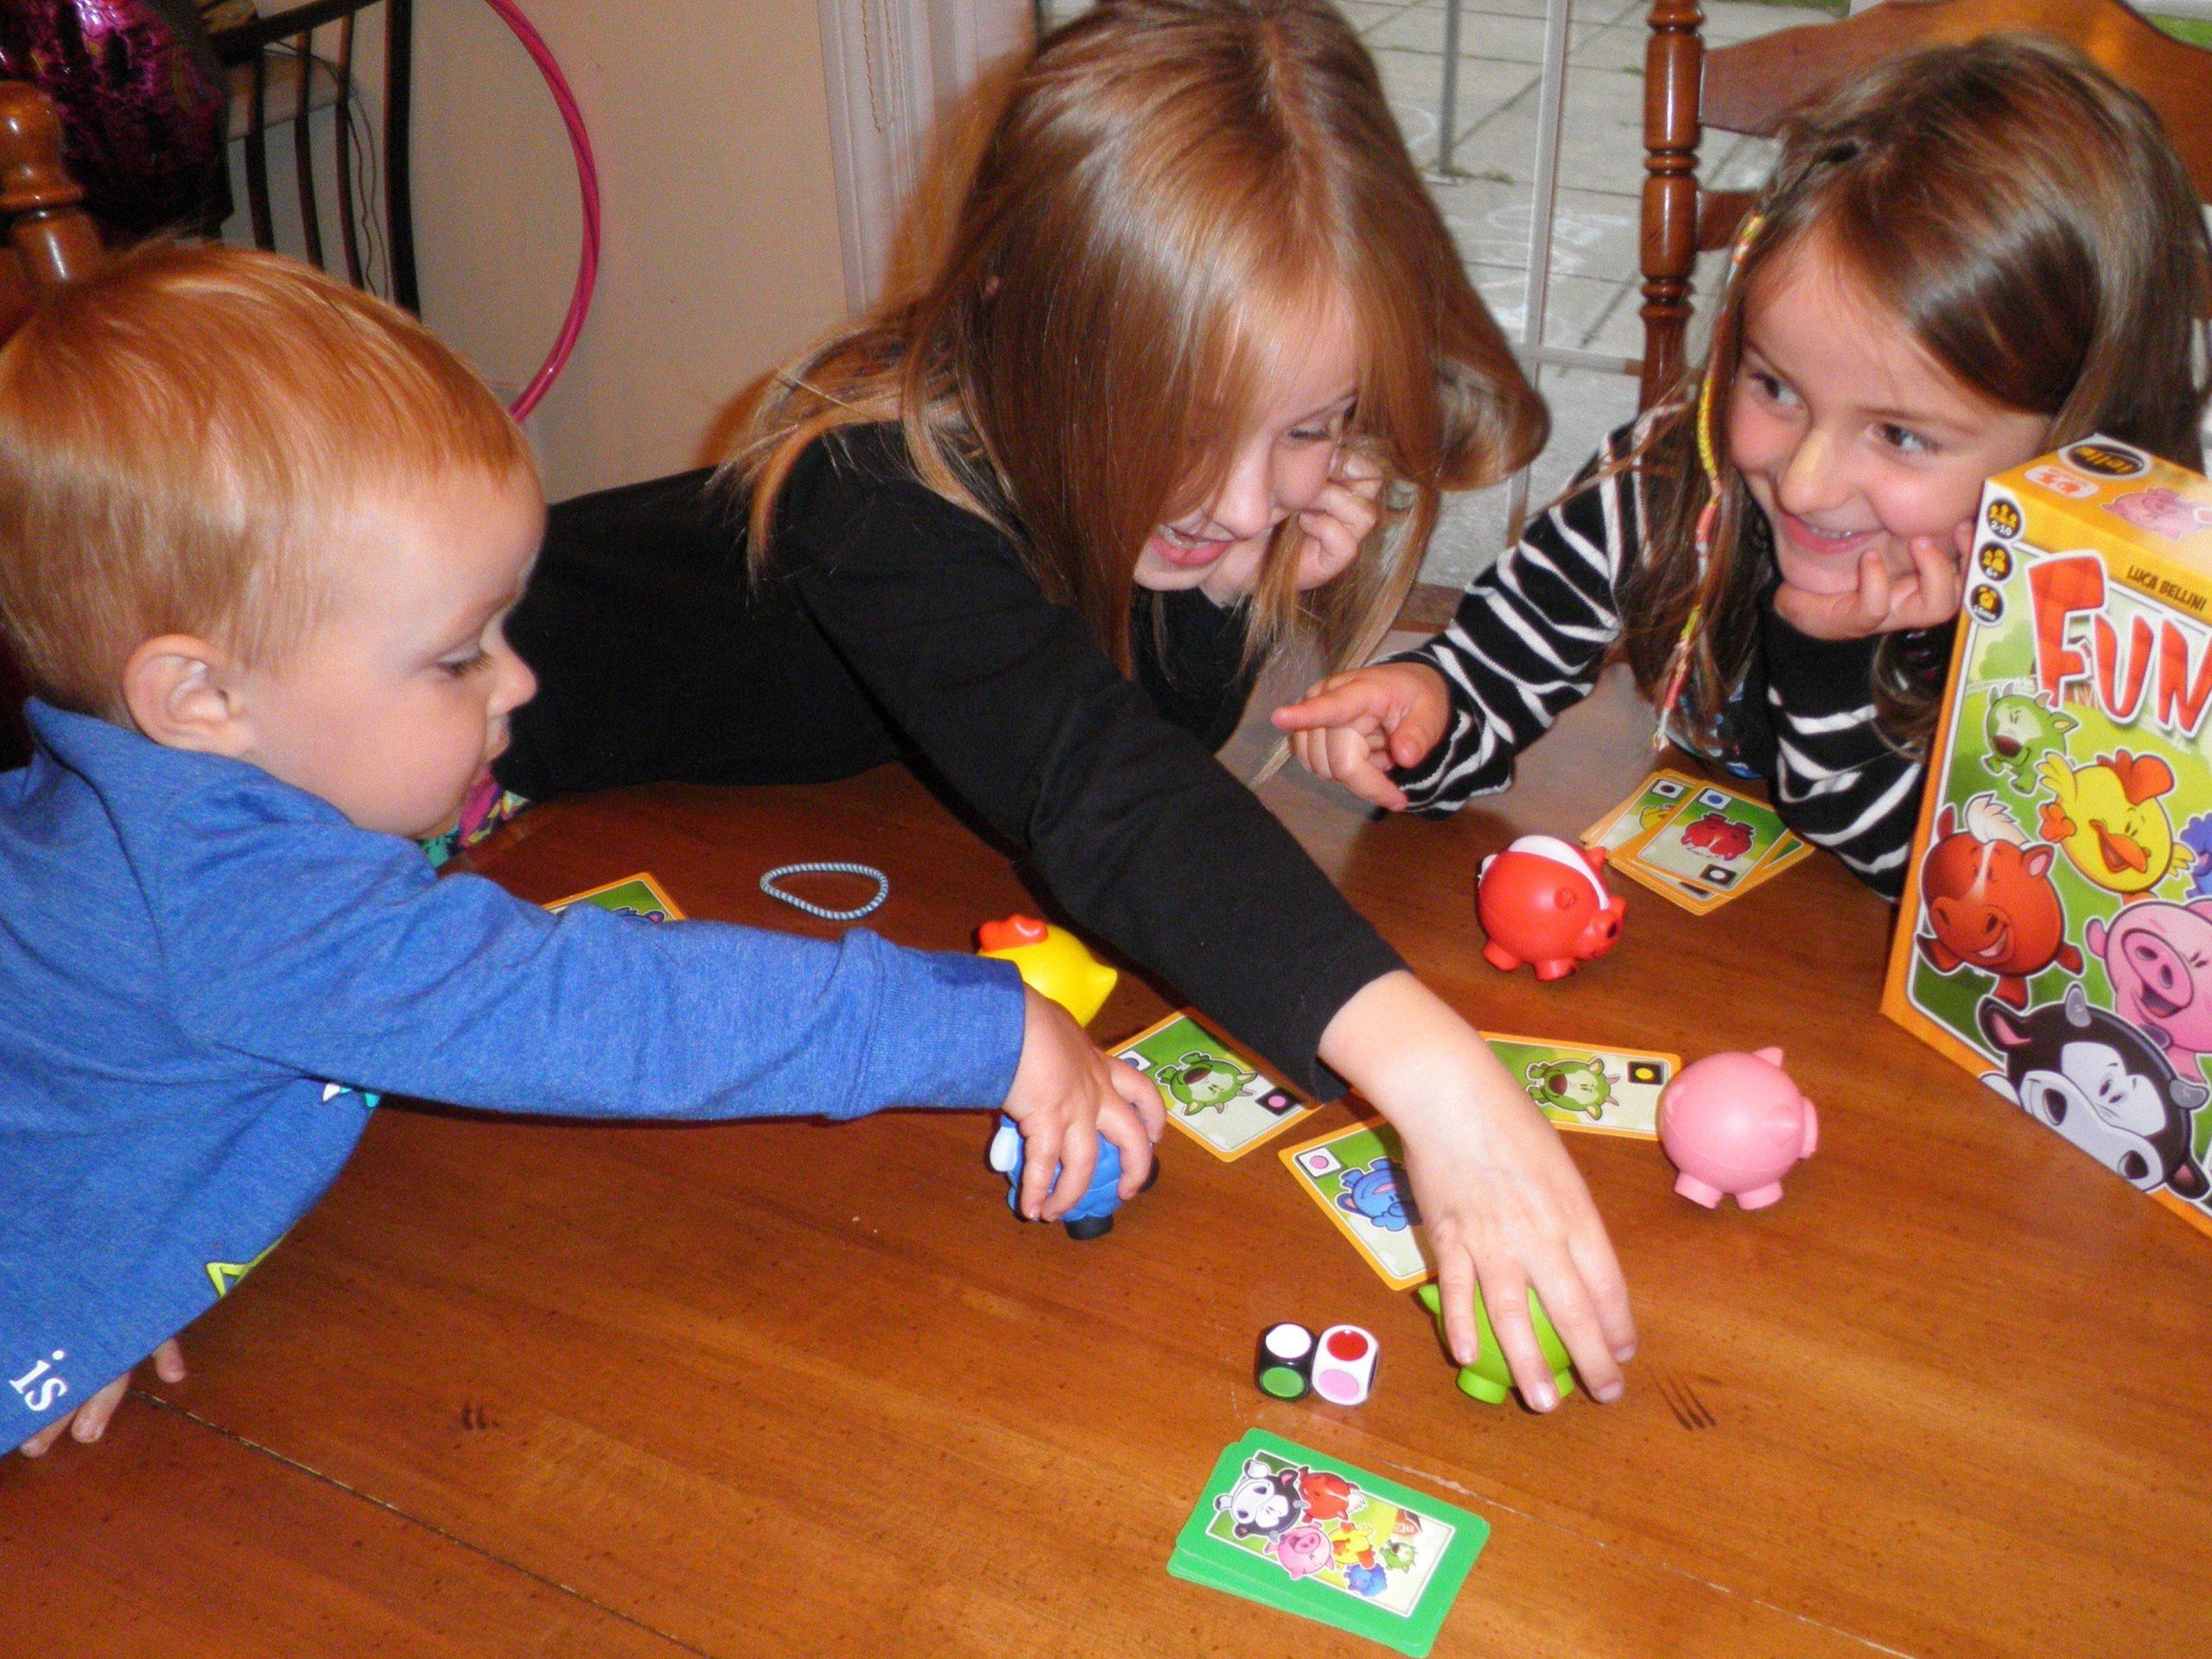 Les Jeux De Société concernant Jeux Pour Jeunes Enfants